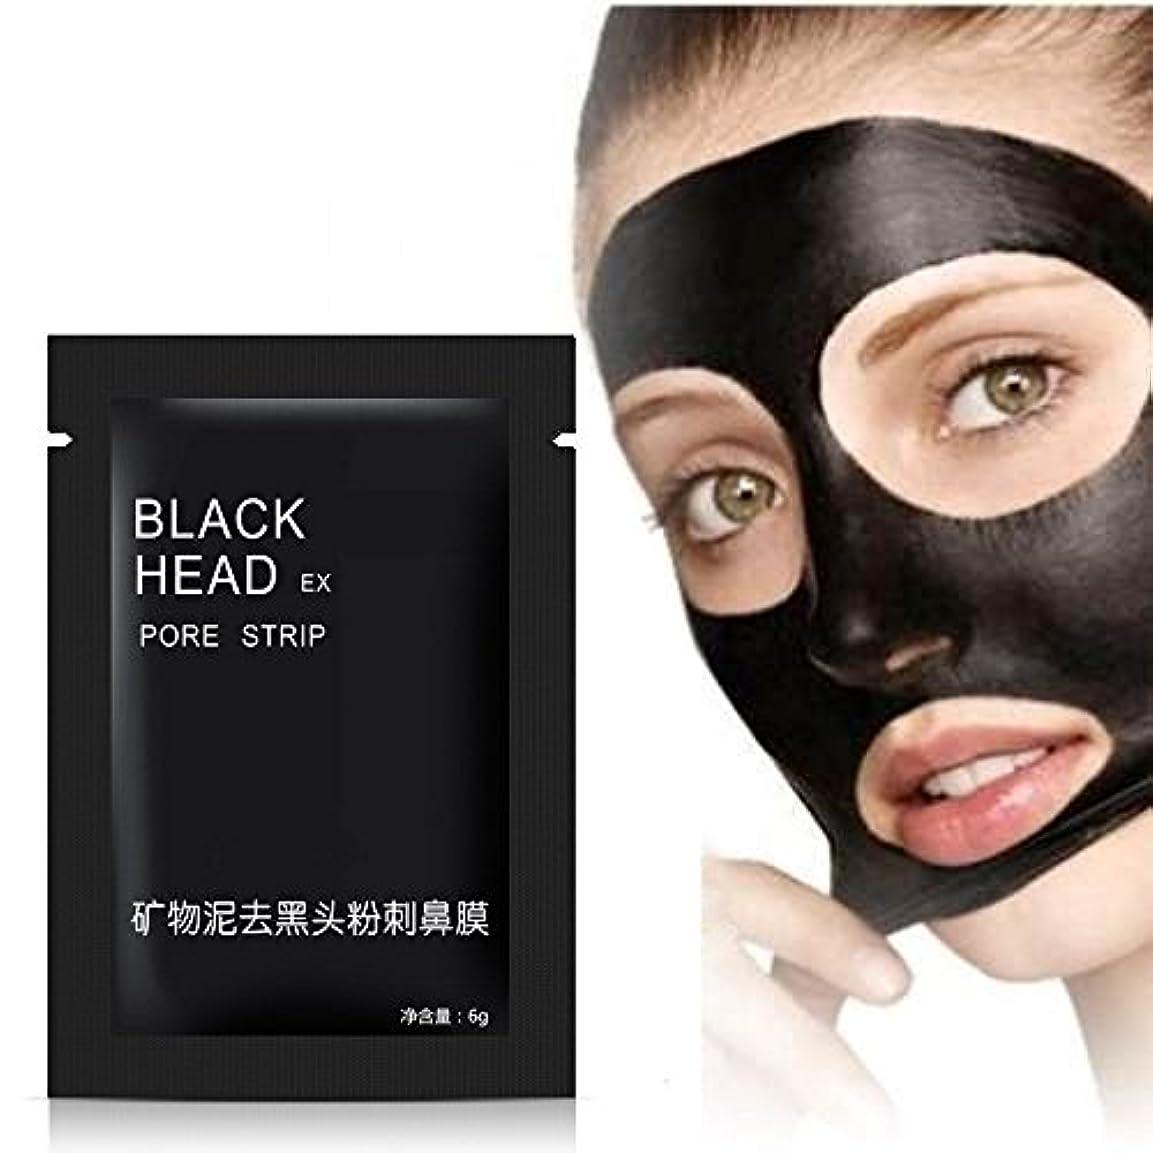 酸度プラグちょうつがいブラックヘッドリムーバーブラックフォレストSPA 20pcフェイスピールブラックマスクアクネポアクレンジング